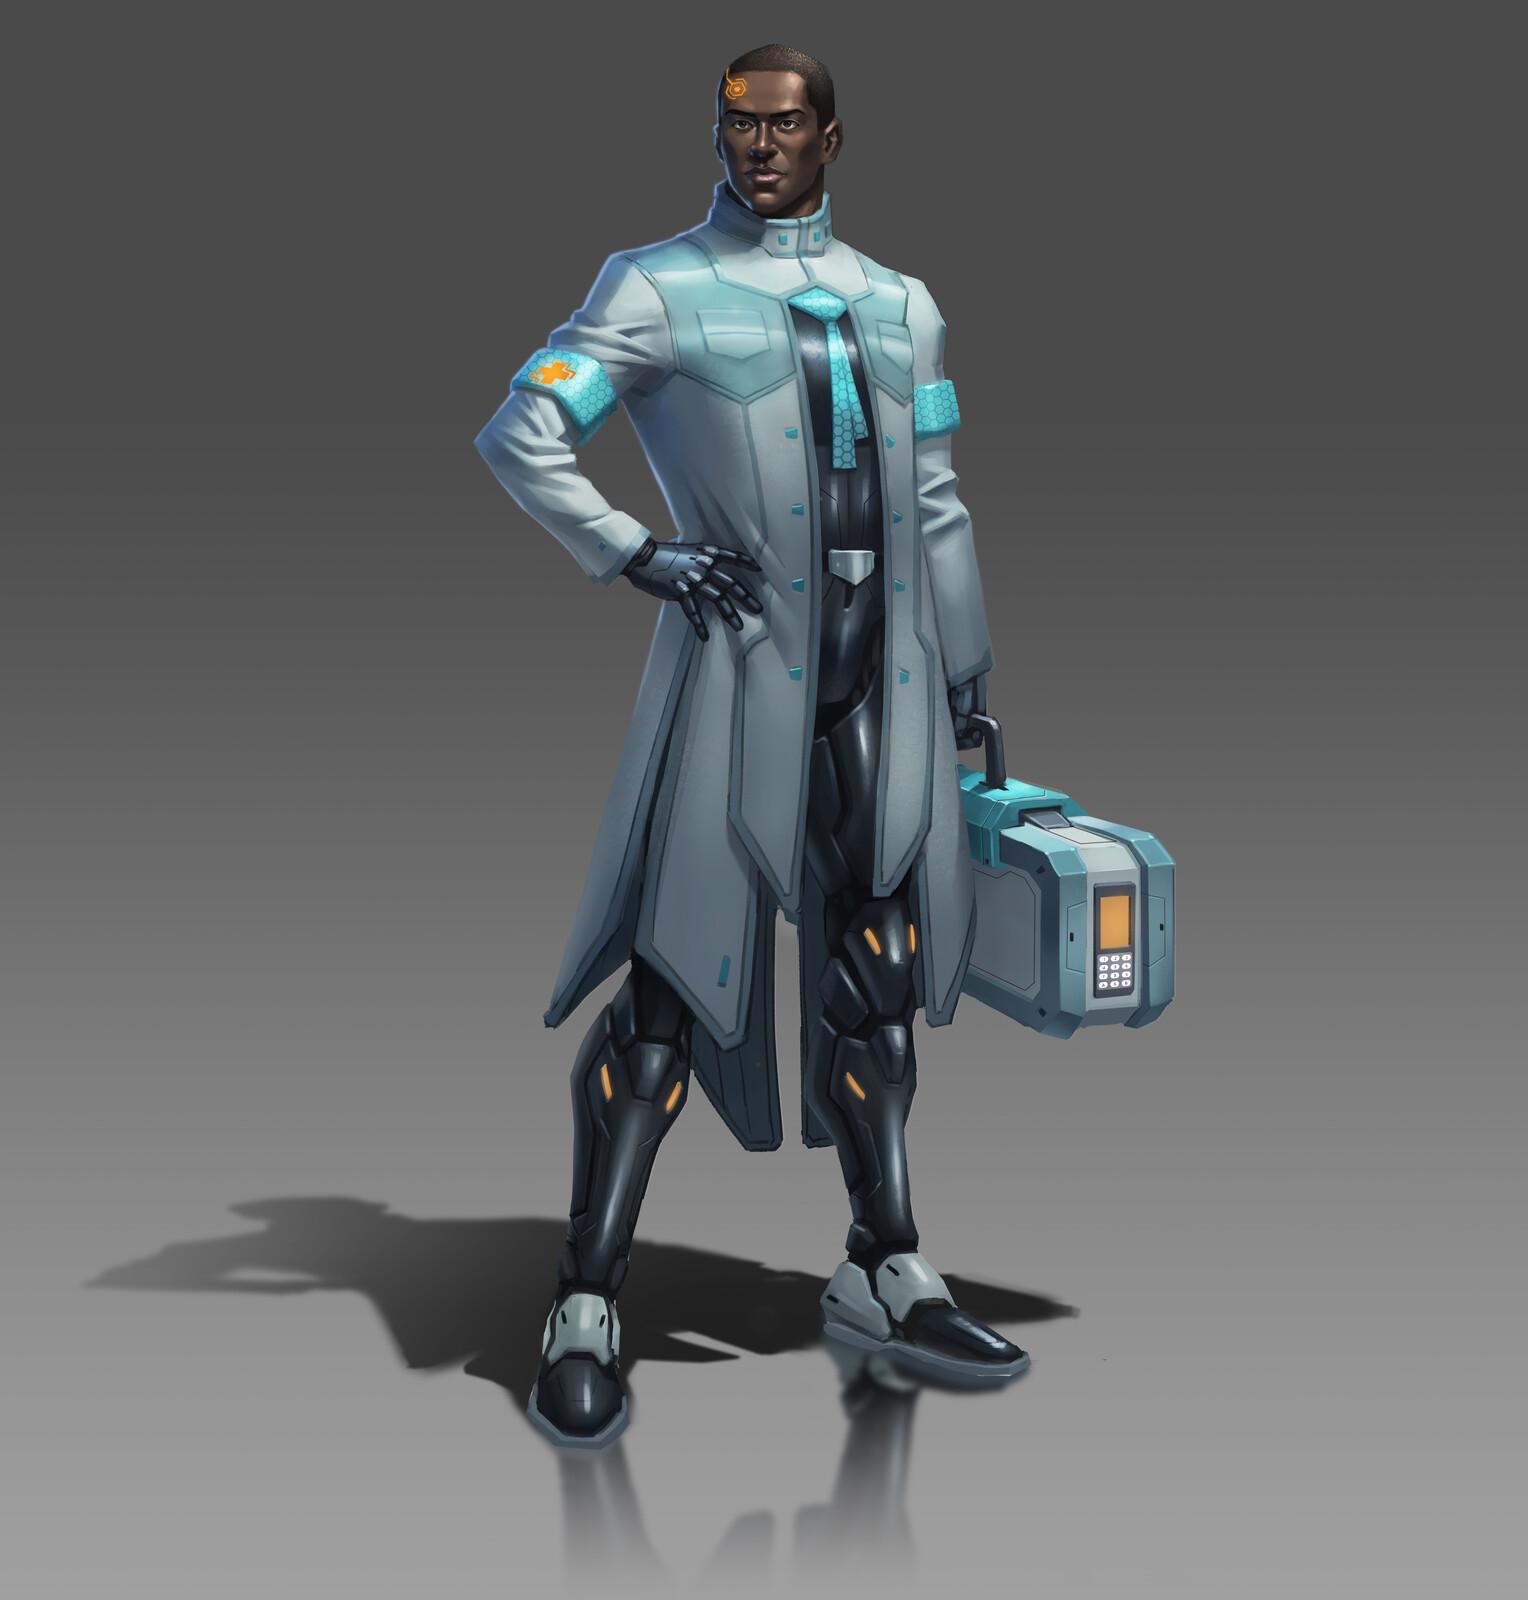 Cybernetic Medic